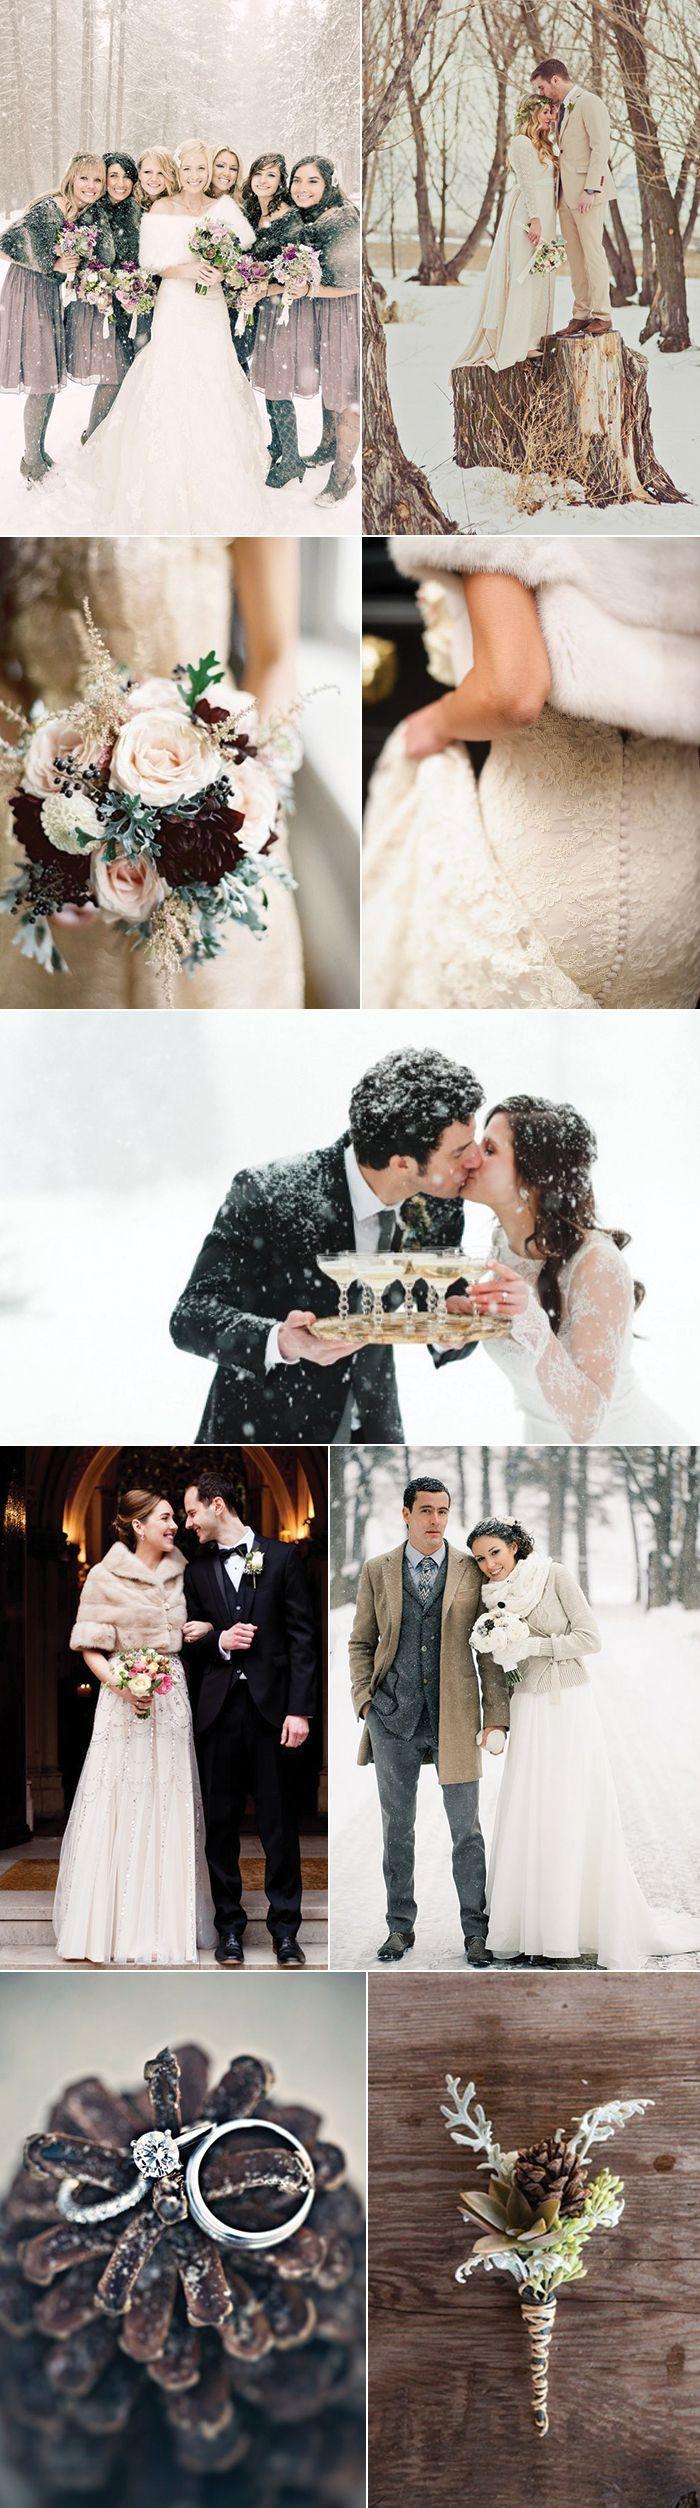 Una boda muy romántica cubierta por un manto blanco